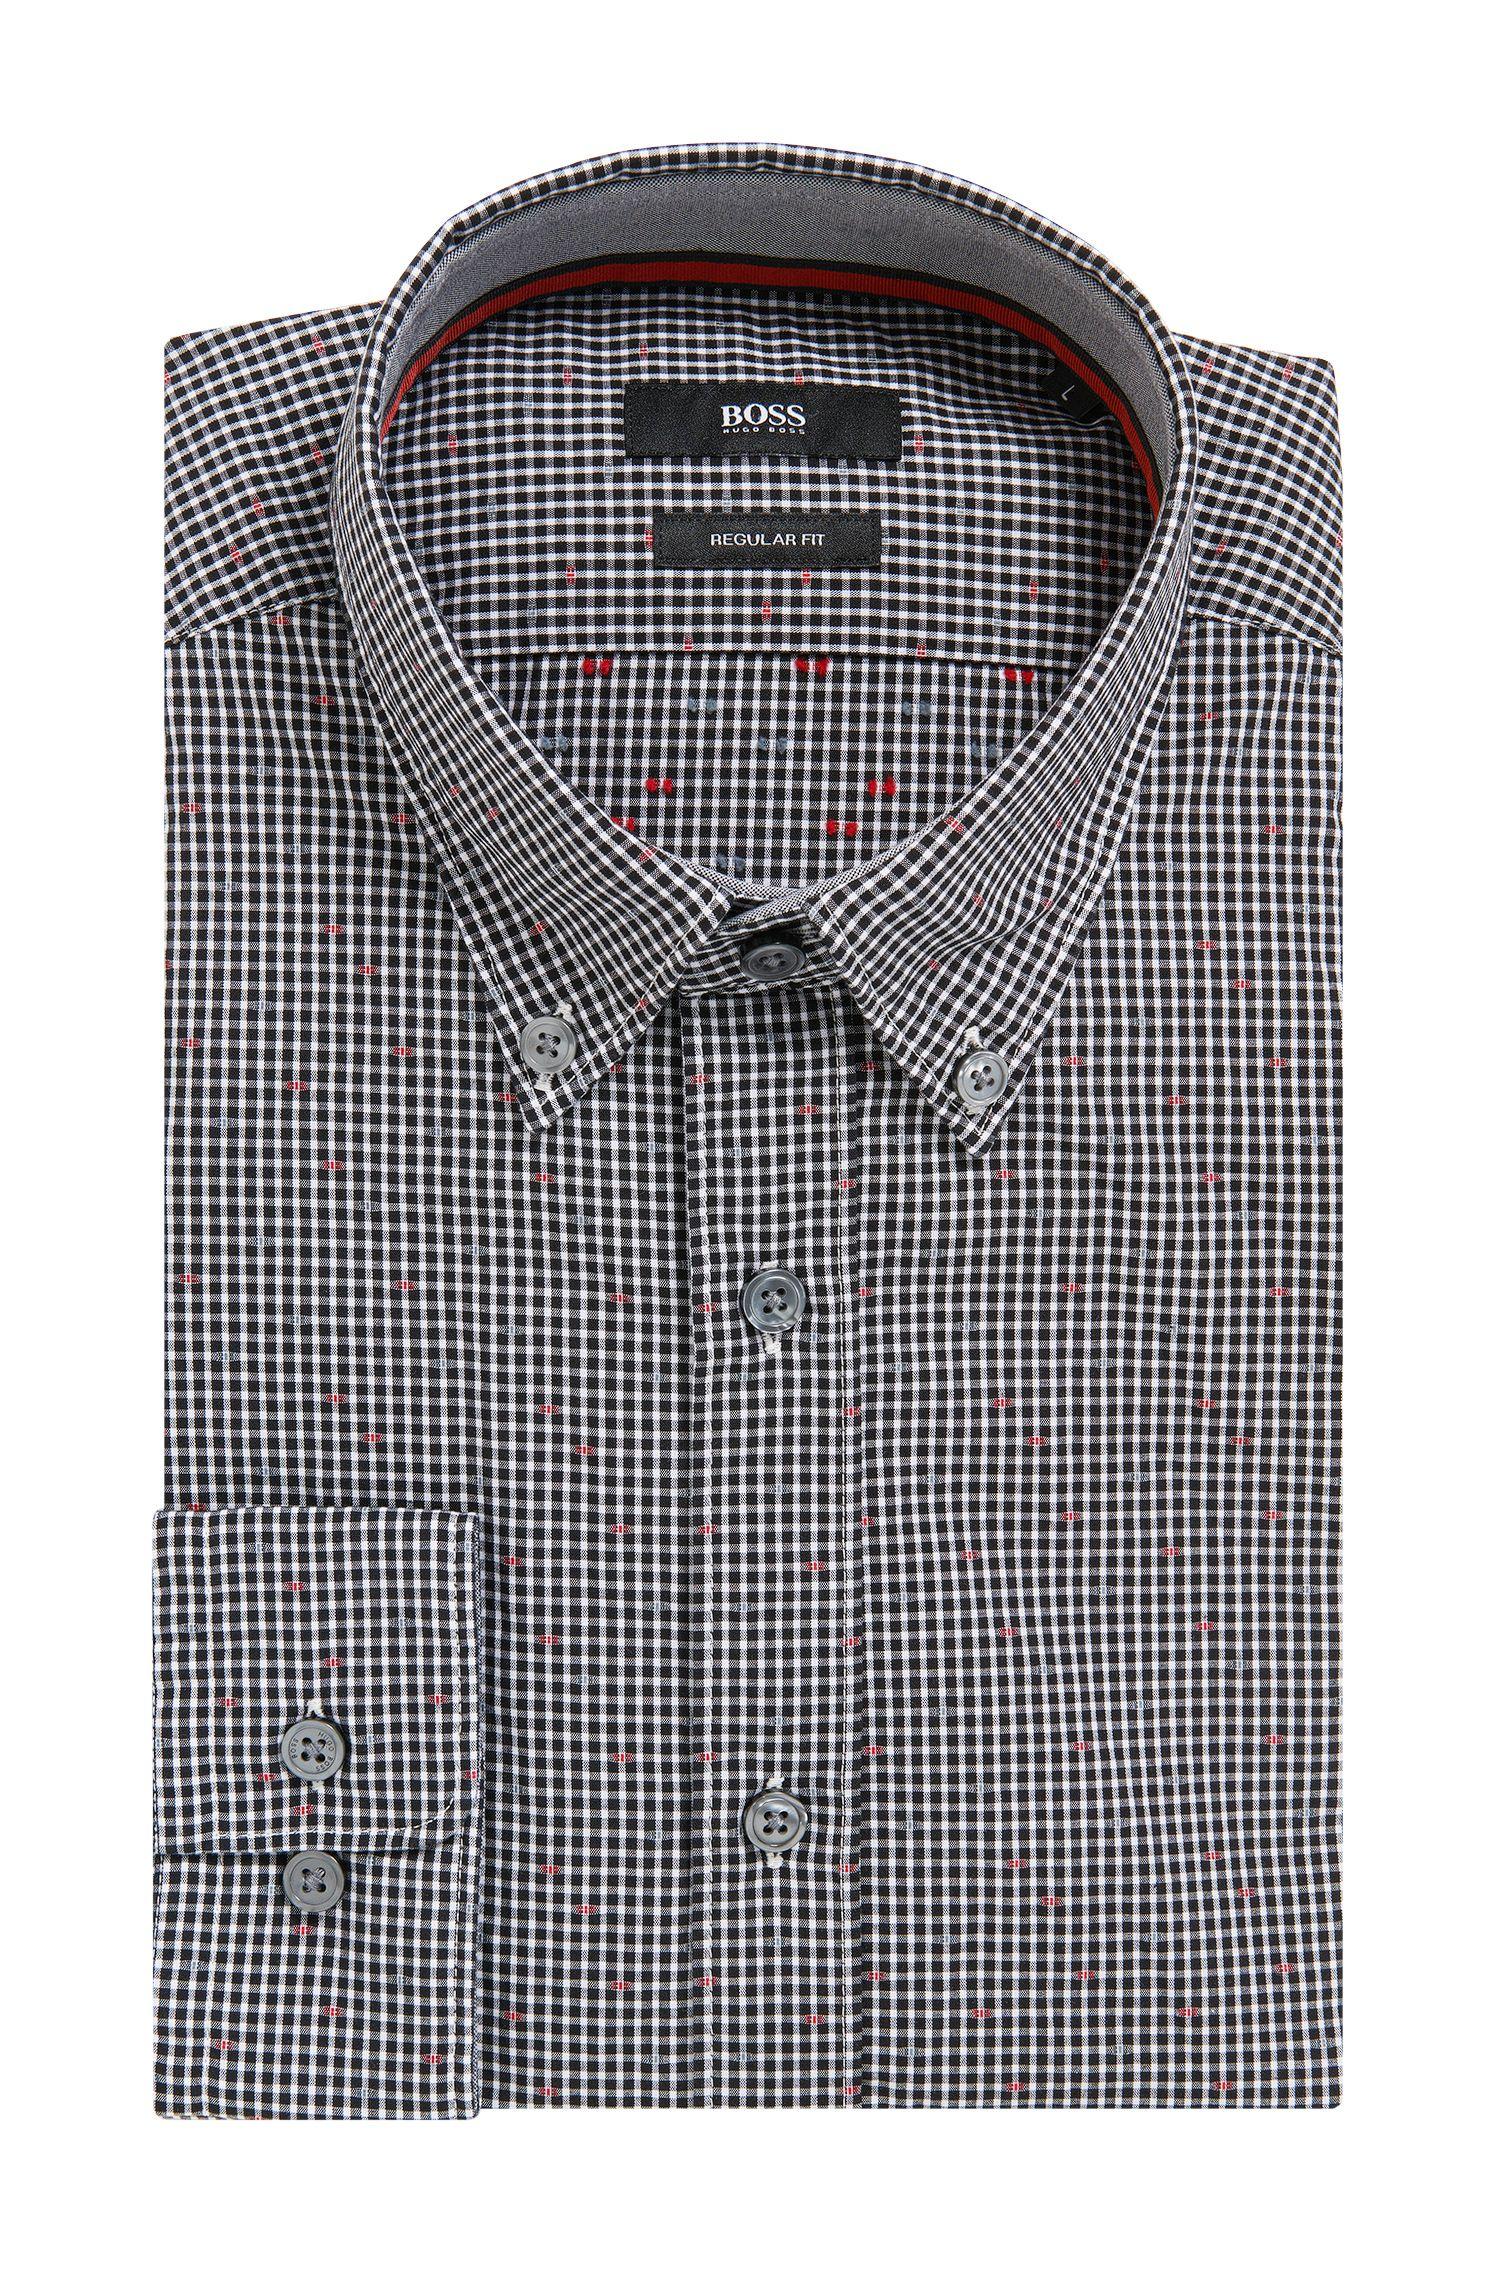 Patterned Cotton Sport Shirt, Regular Fit | Lod, Black